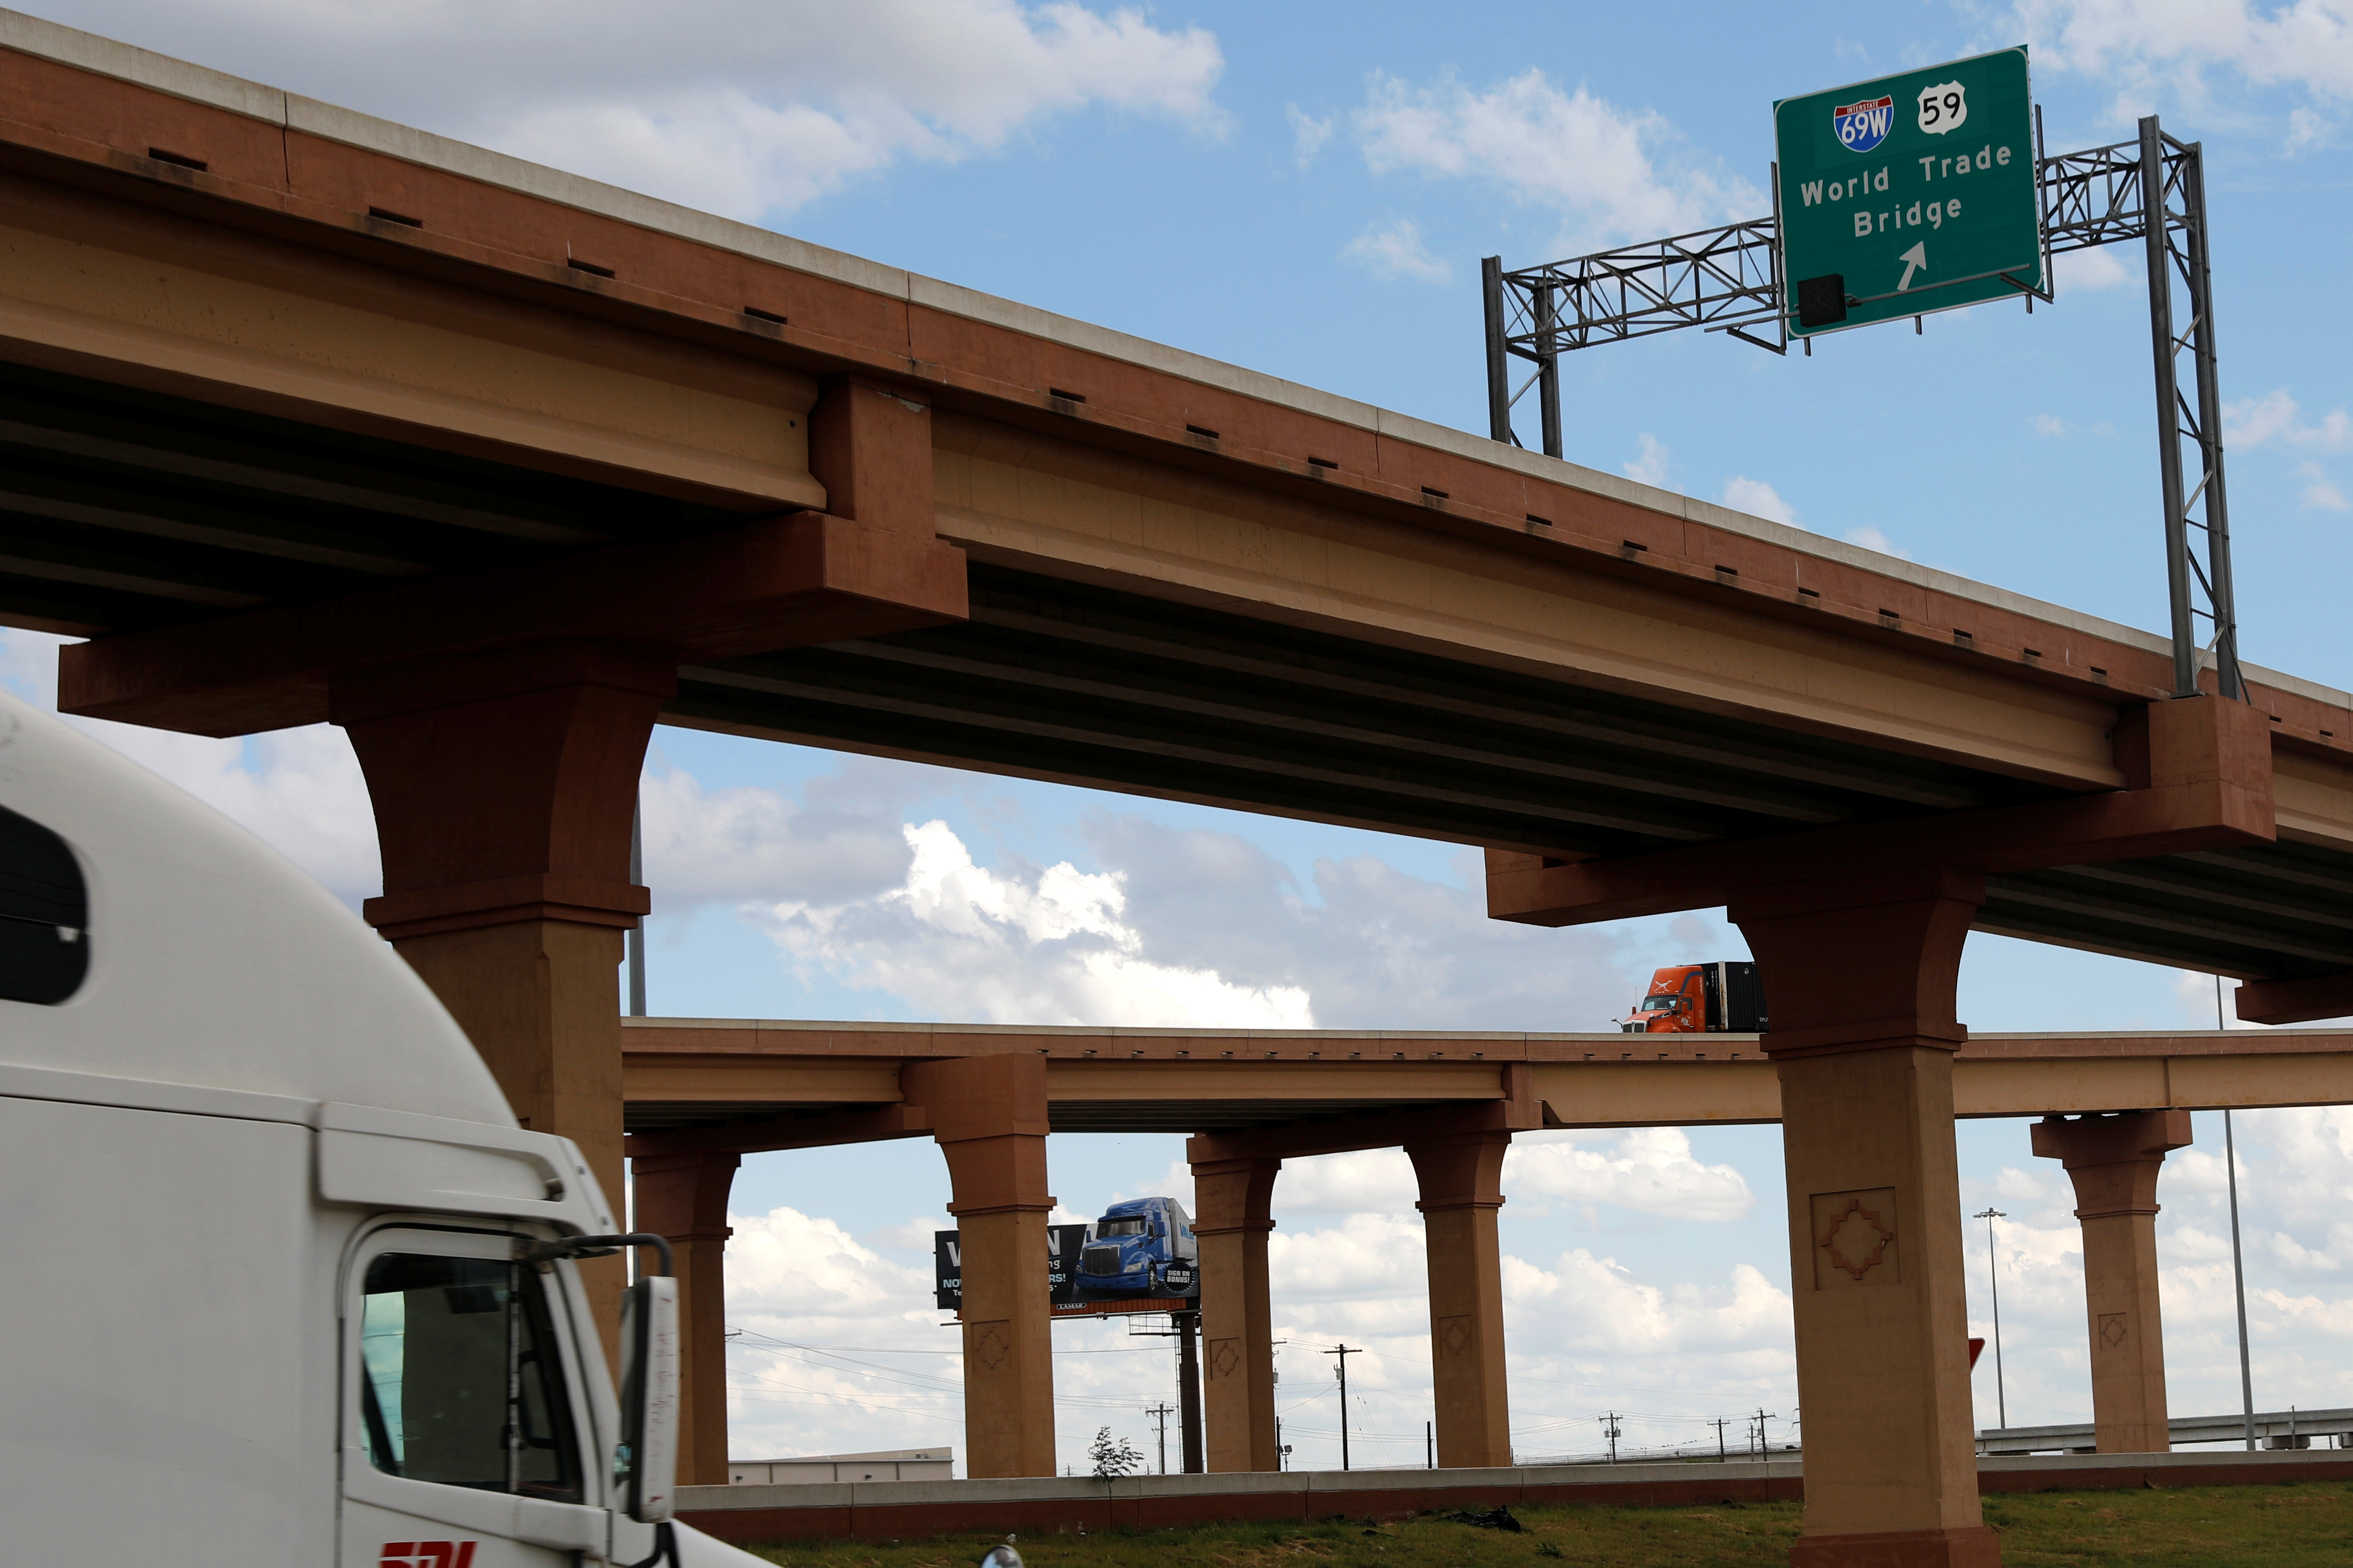 Trucks are seen on a bridge intersection near the World Trade Bridge border, in Laredo, Texas U.S. June 3, 2019. REUTERS/Carlos Jasso